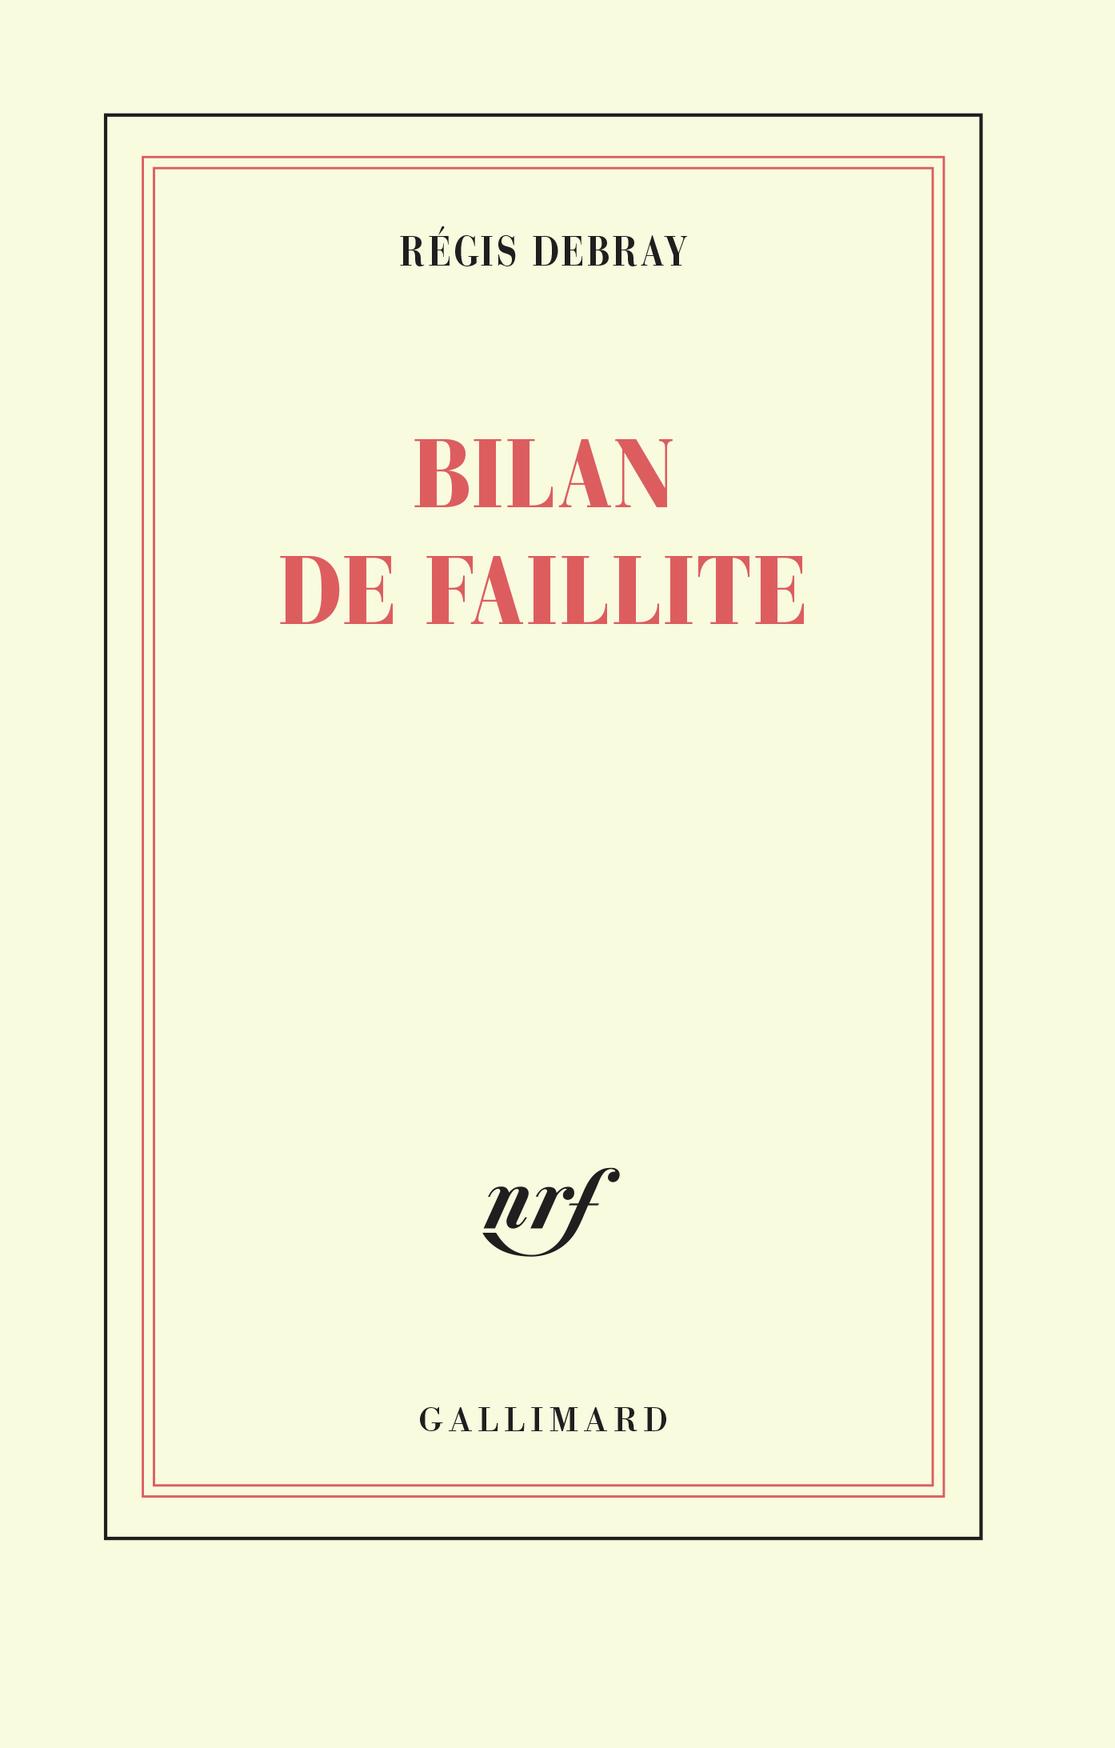 """Résultat de recherche d'images pour """"Régis Debray, Conseils d'un père à son fils (Bilan de faillite) (Gallimard)"""""""""""